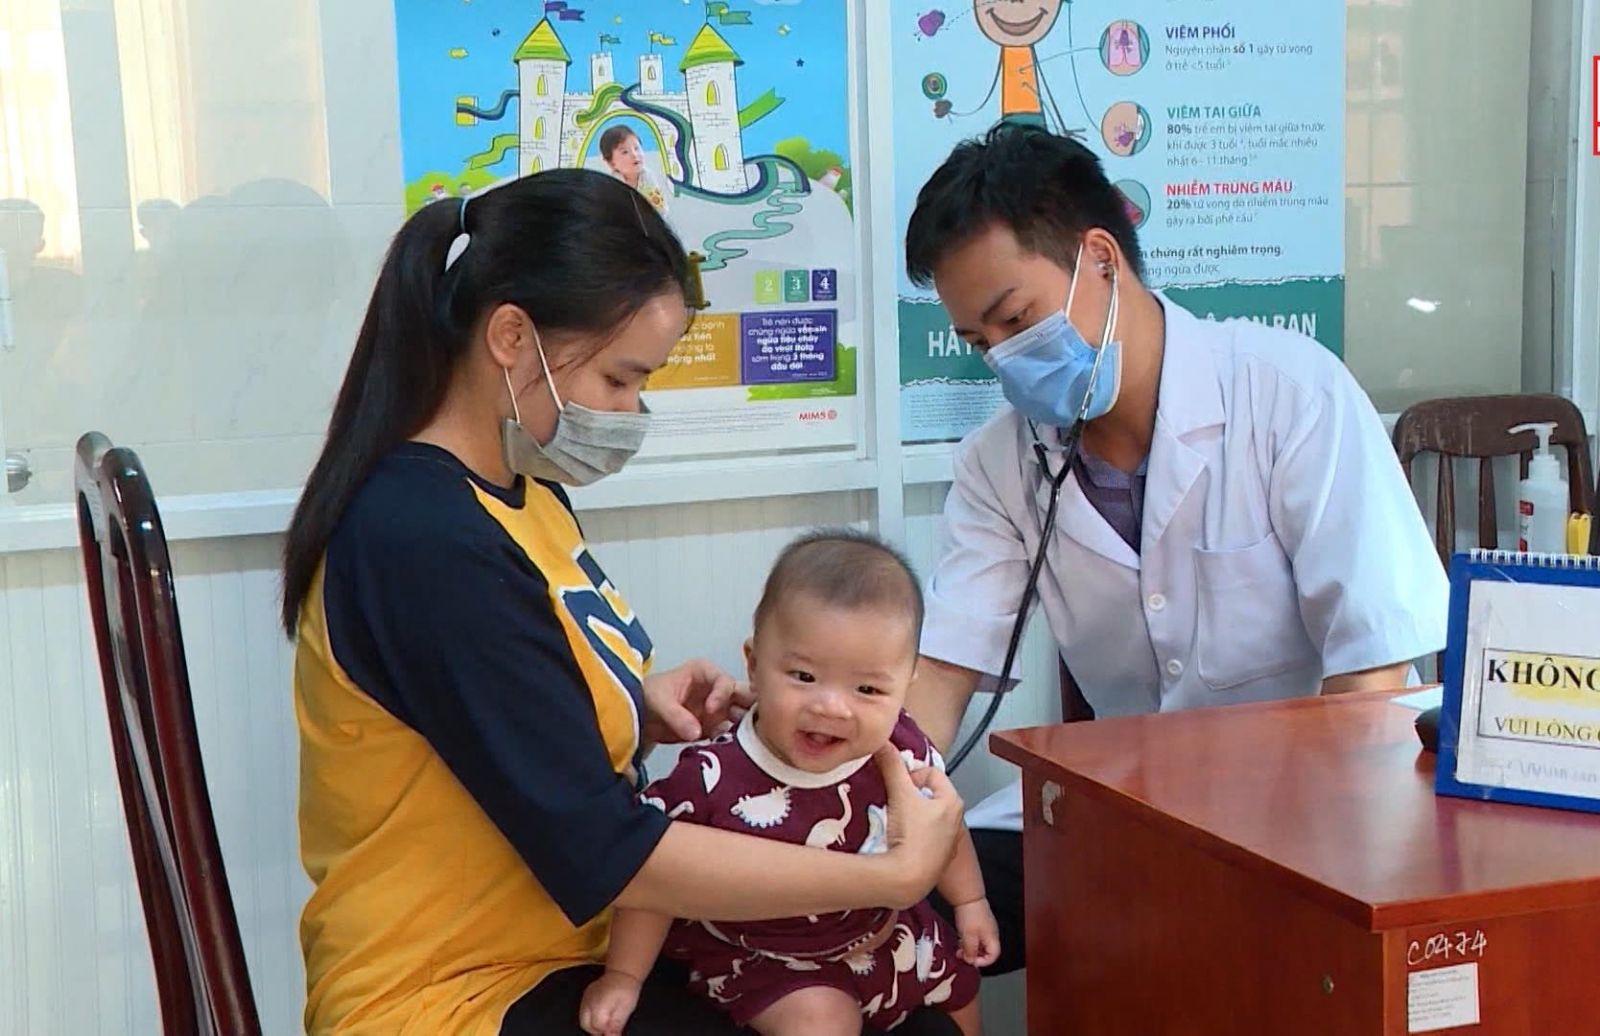 Có 2 phương án tiêm vaccine phòng Covid-19 được tỉnh Đồng Nai đưa ra